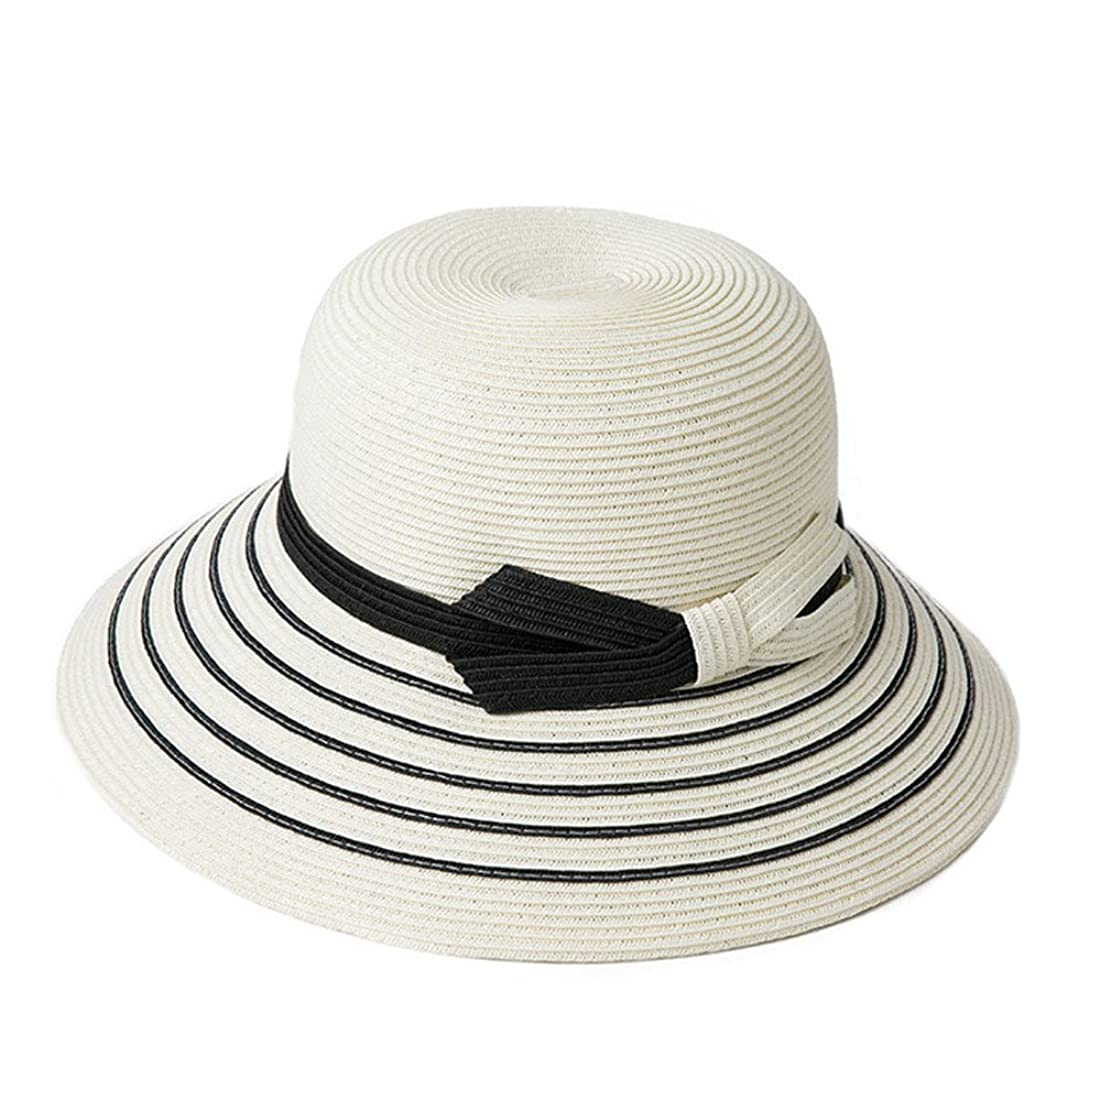 子音同情的自治的女性の麦わら帽子 夏の屋外ファッション折りたたみ日焼け止め旅行バイザーUV保護スタイリッシュな通気性の縞模様の麦わら帽子 スタイリッシュで通気性があり快適 (Color : White)